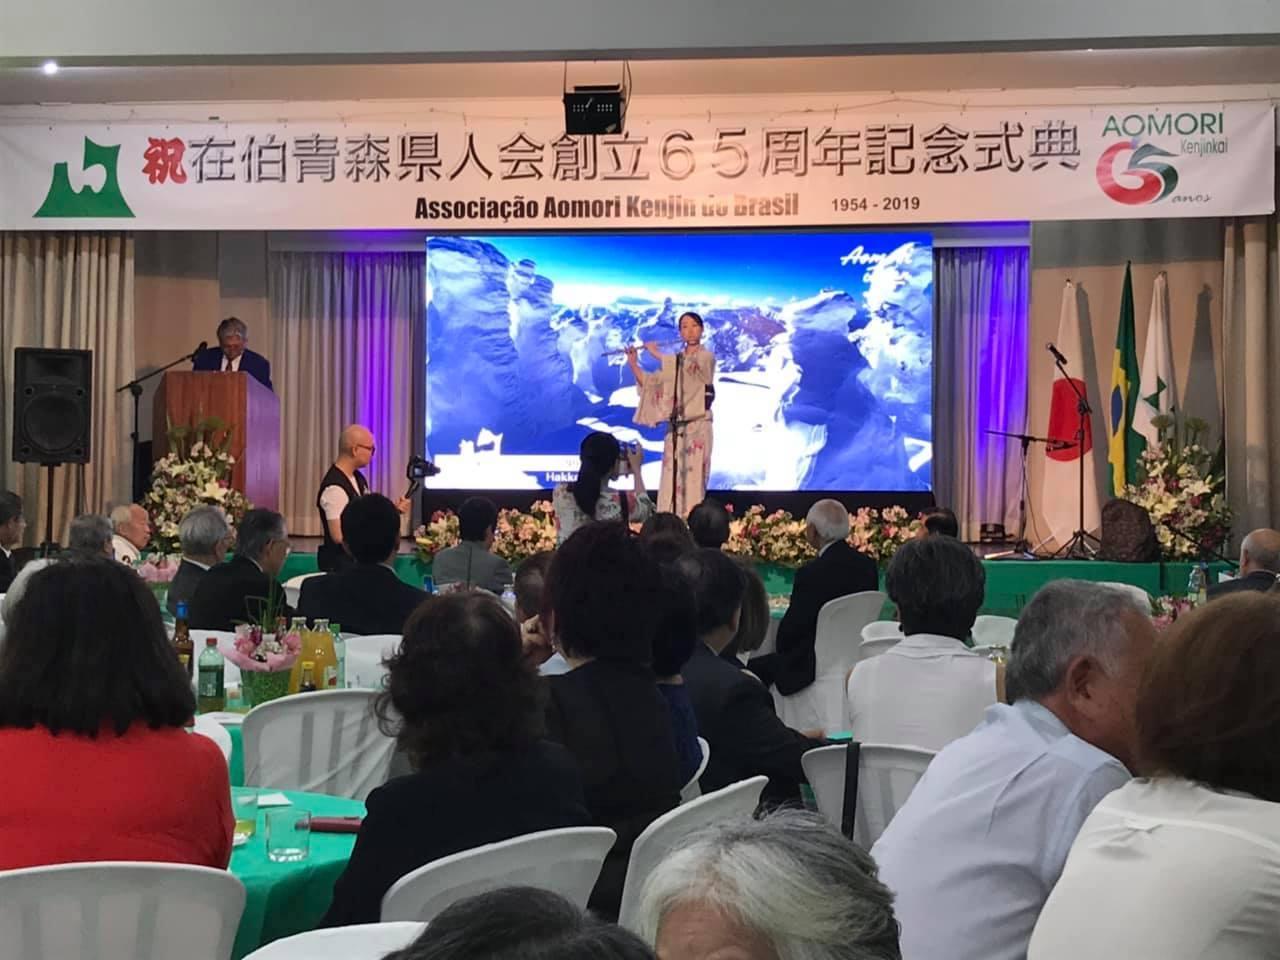 在伯青森県人会創立65周年記念式典にて演奏